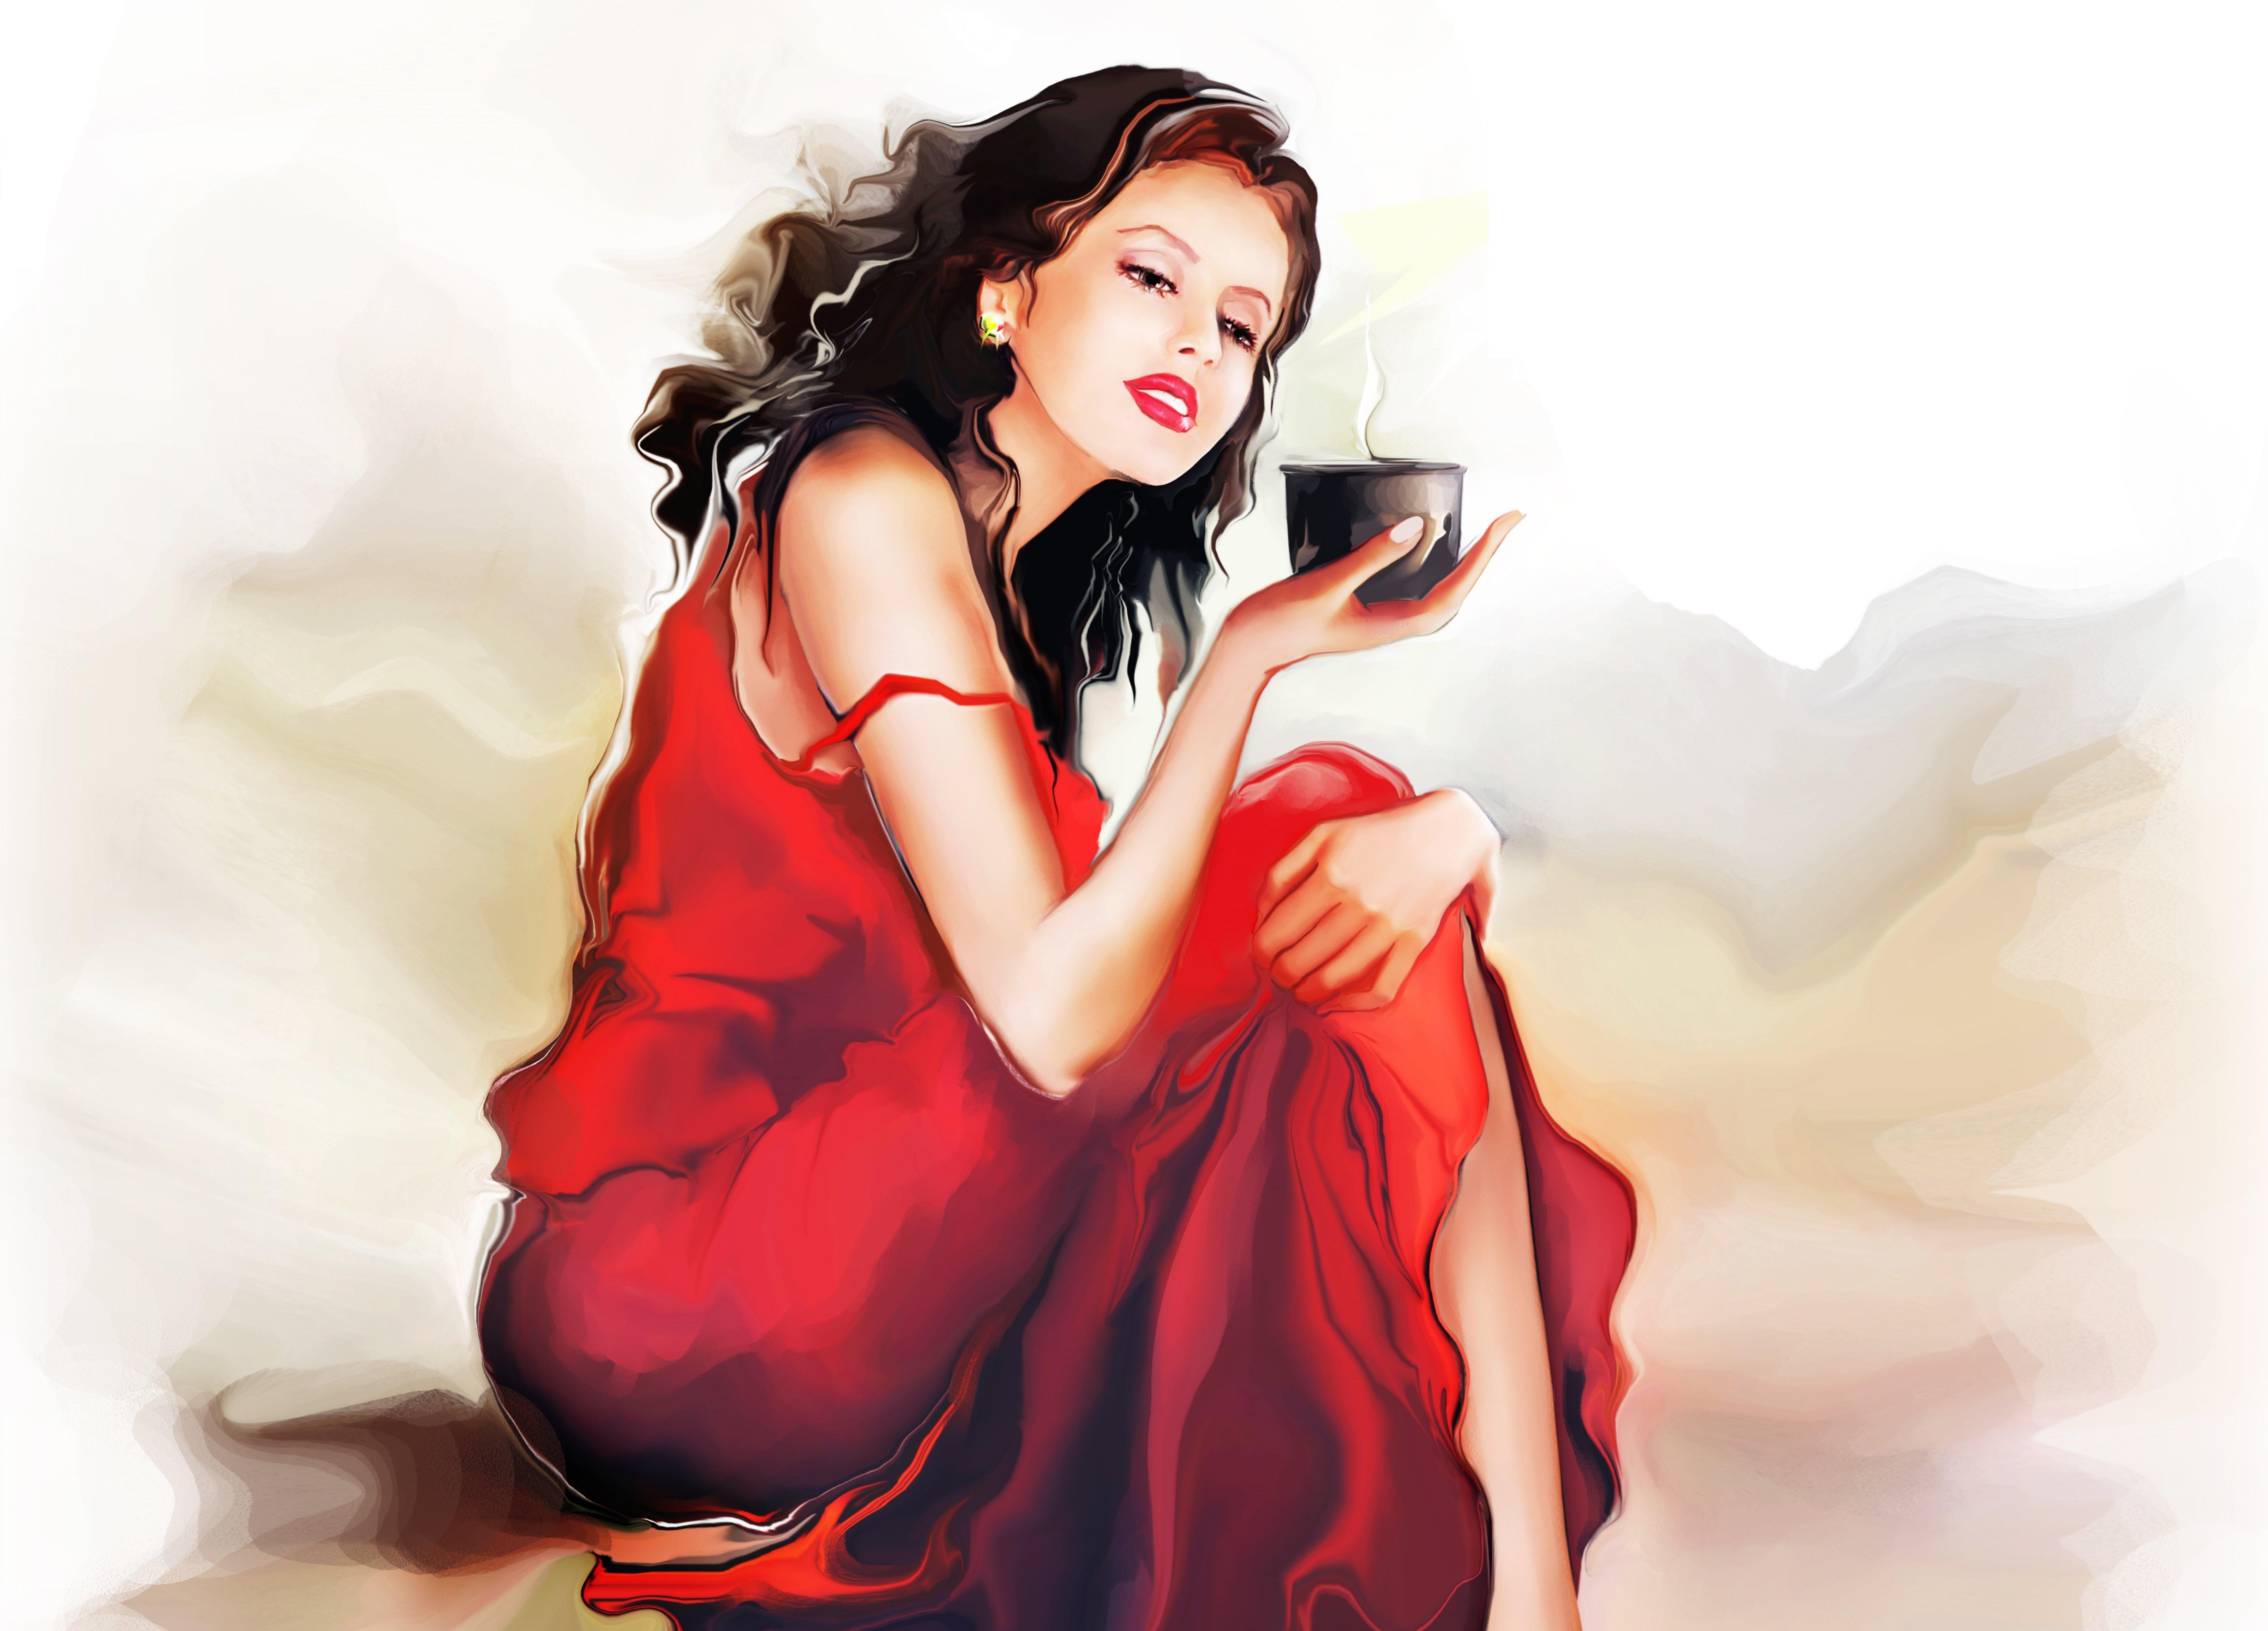 Картинка: Девушка, сидит, арт, рисунок, платье, в красном, чашка, держит, напиток, художник, Татьяна Никитина, акварель